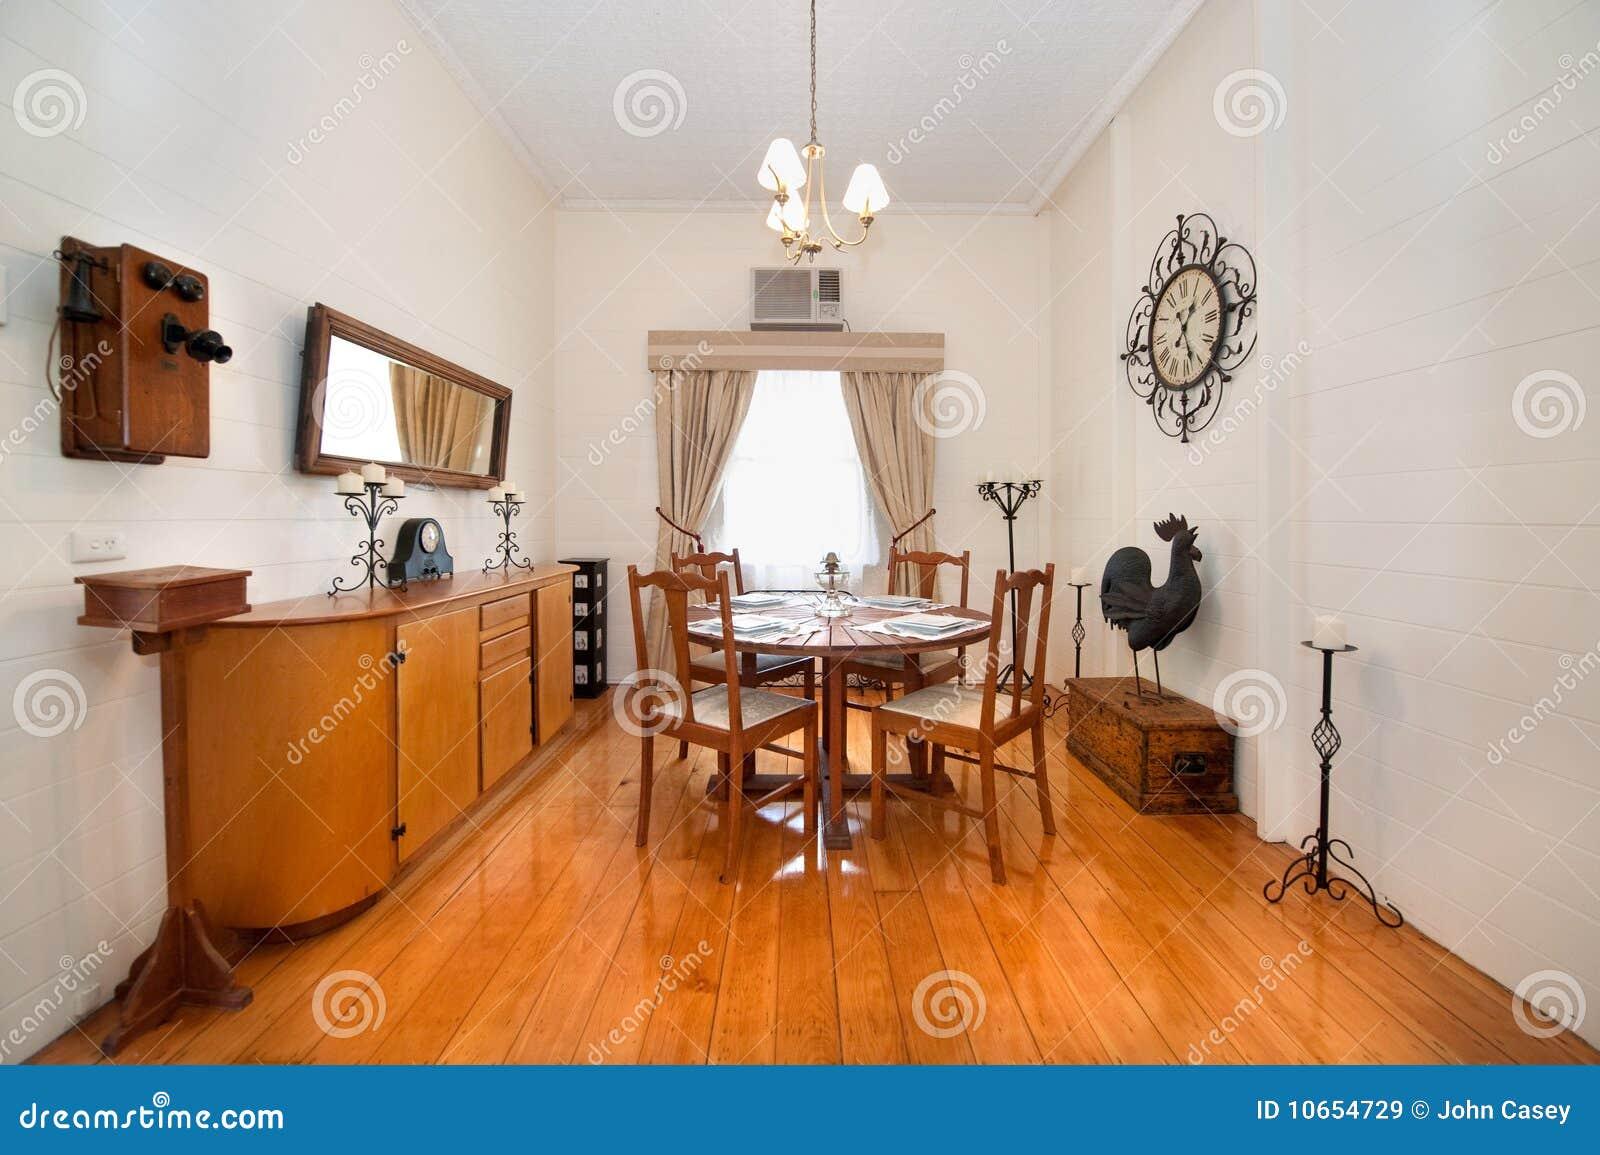 Sala Da Pranzo Classica Di Stile Immagini Stock Libere Da Diritti  #B25103 1300 955 Sala Da Pranzo Classica Moderna